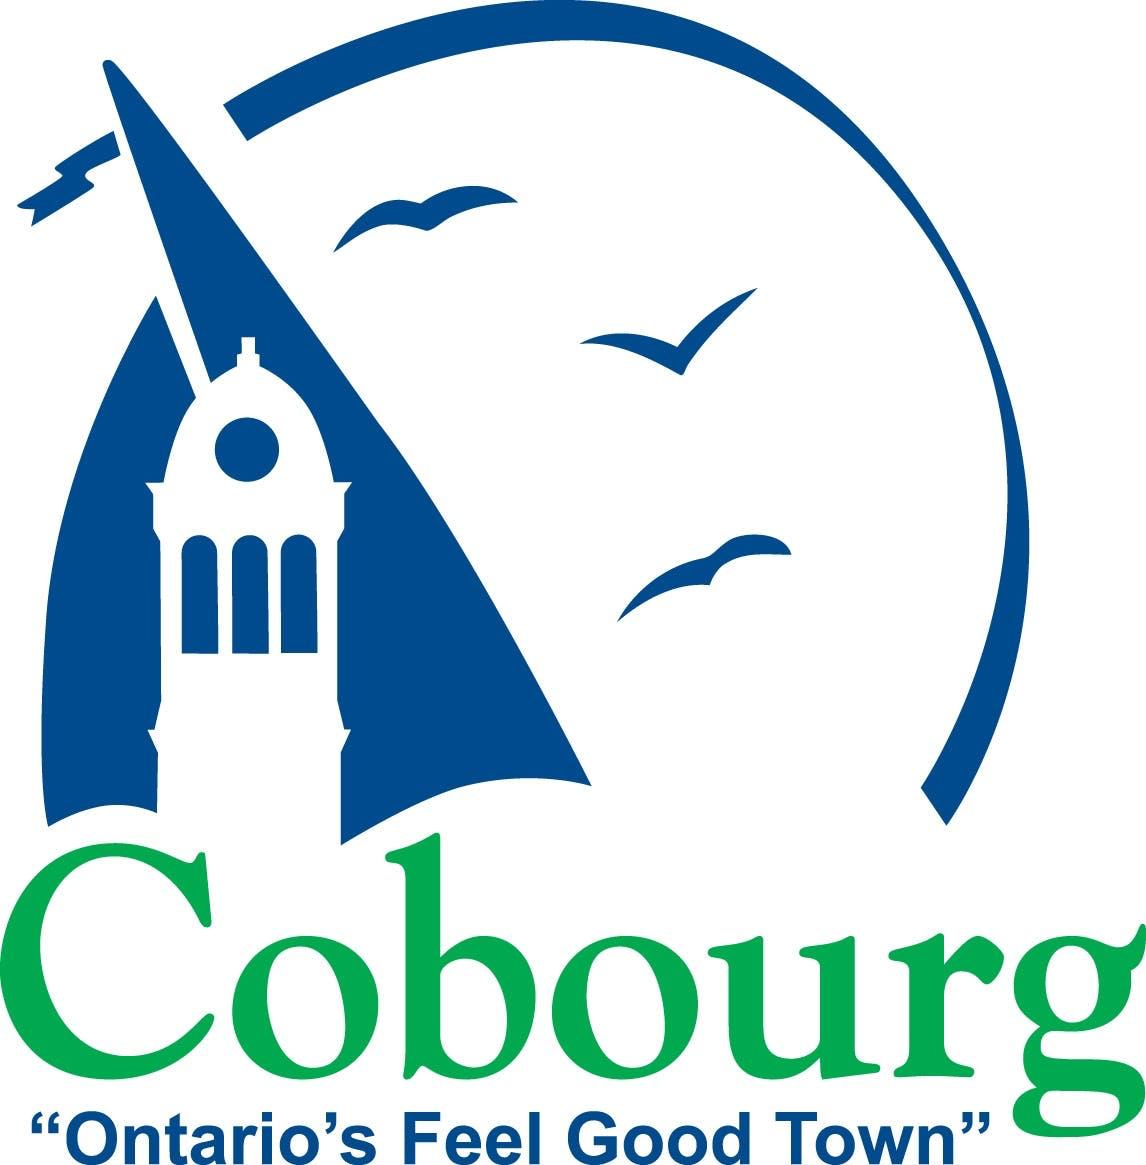 cobourg logo full colour